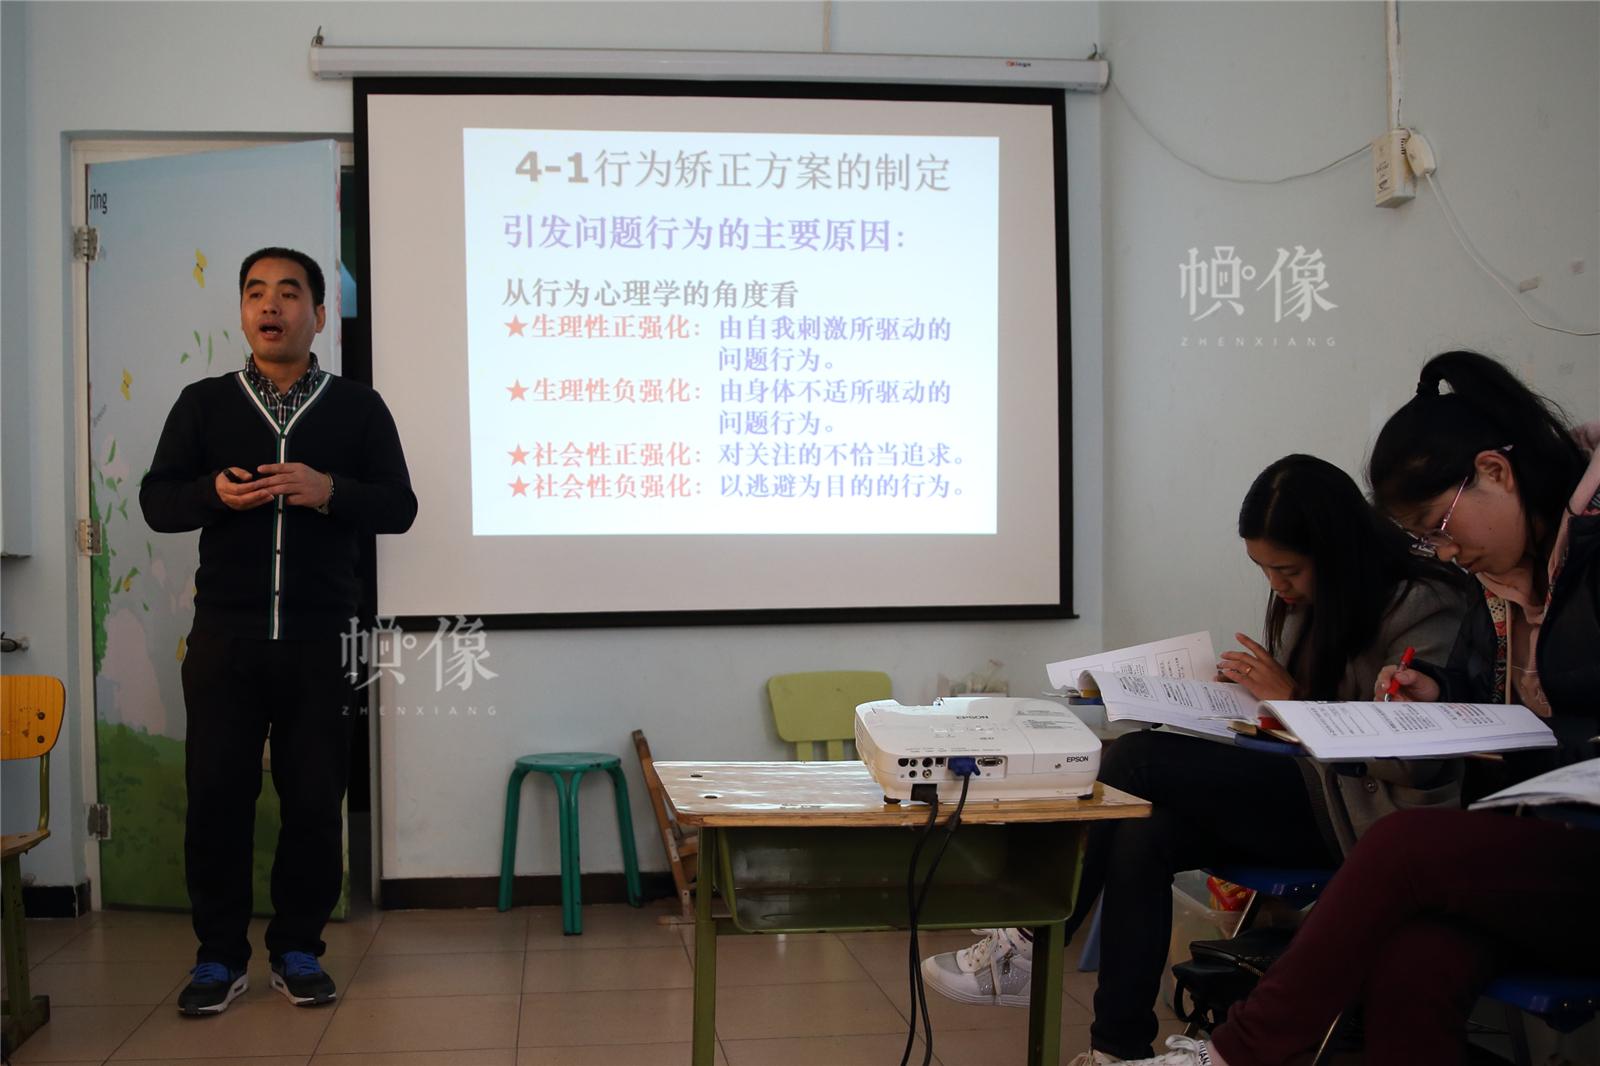 2017年3月27日,北京星星雨教育研究所,青少部主任吴良生在培训新老师。中国网记者陈维松 摄